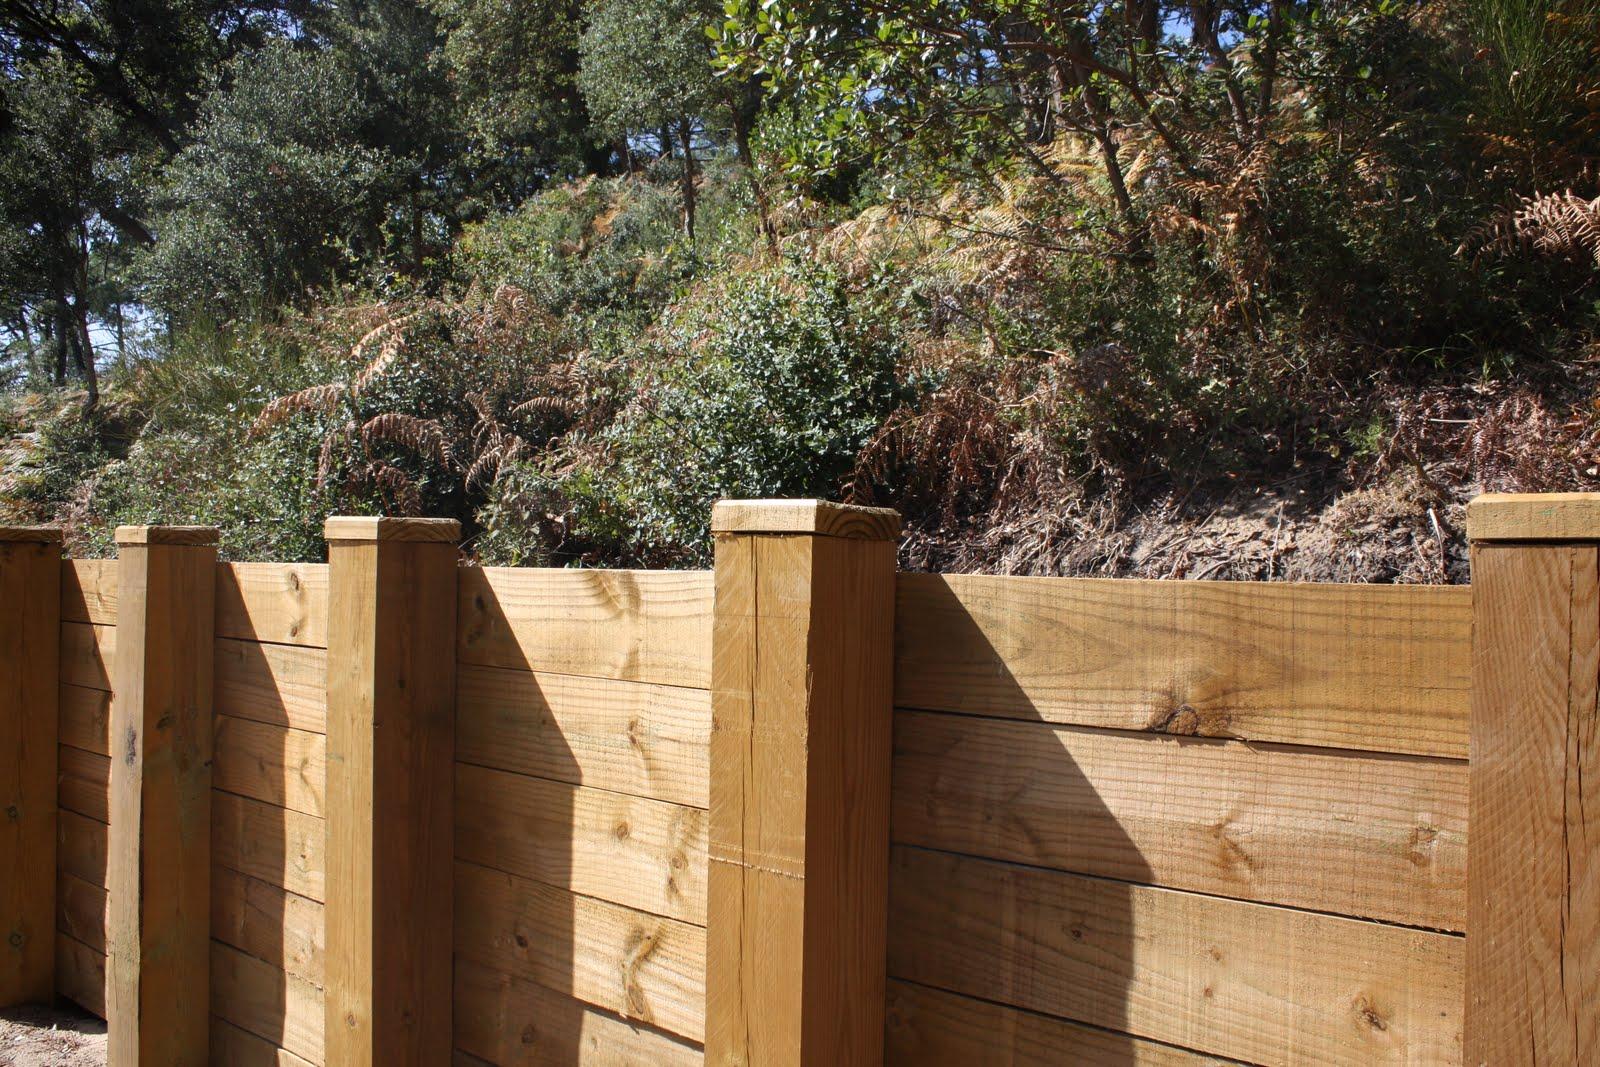 Jardins Déco D'utiles retenues de terreà créer soi m u00eame # Retenue De Terre En Bois Autoclave